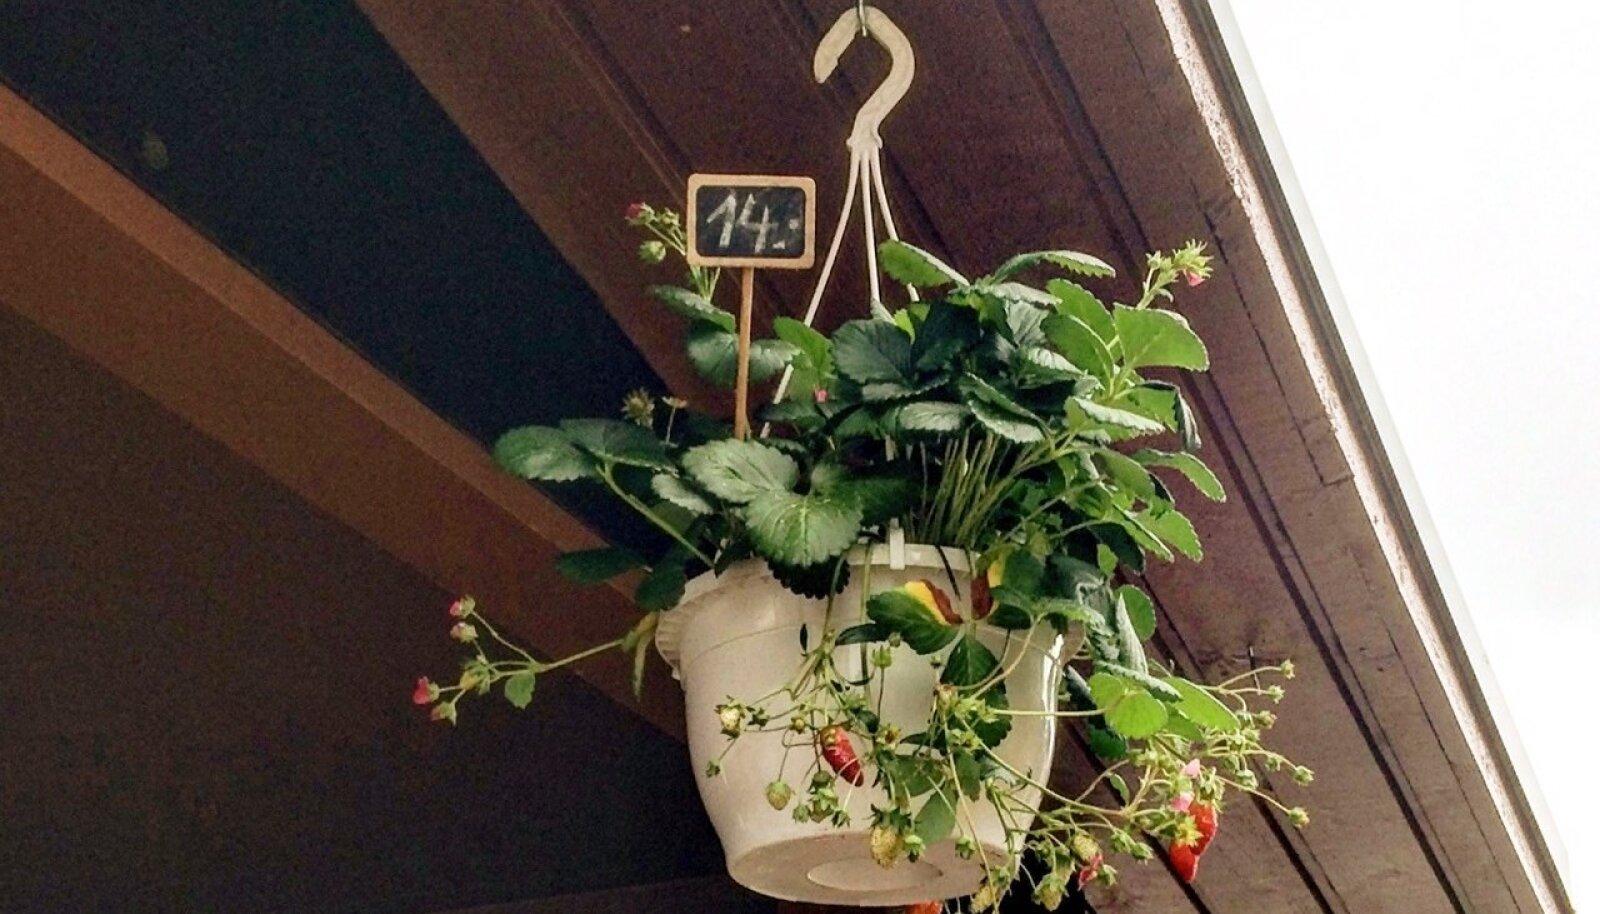 Maasikaampleid ei leidu-nud enne jaani üheski Tartu suuremas aiandus-poes. Küll oli neid Paide turul.